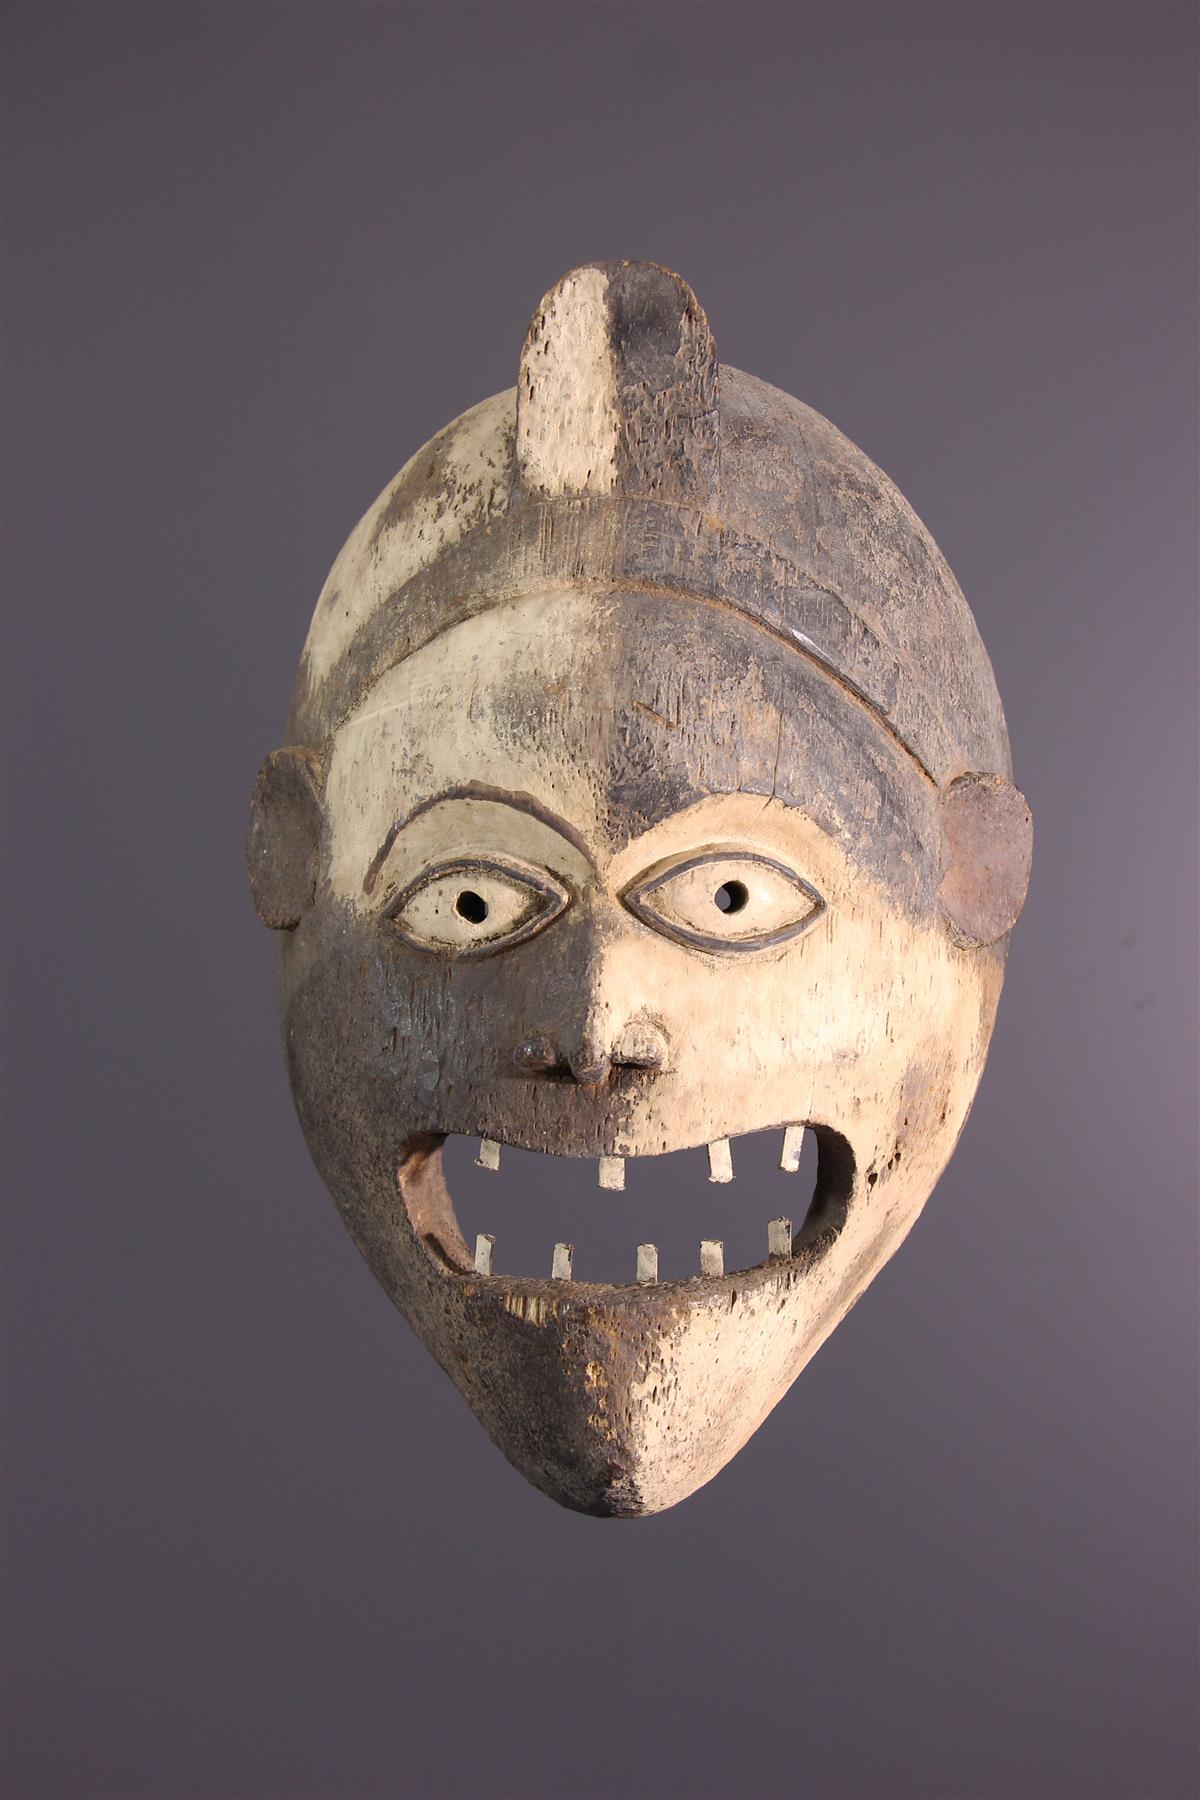 Kongo Mask - African art